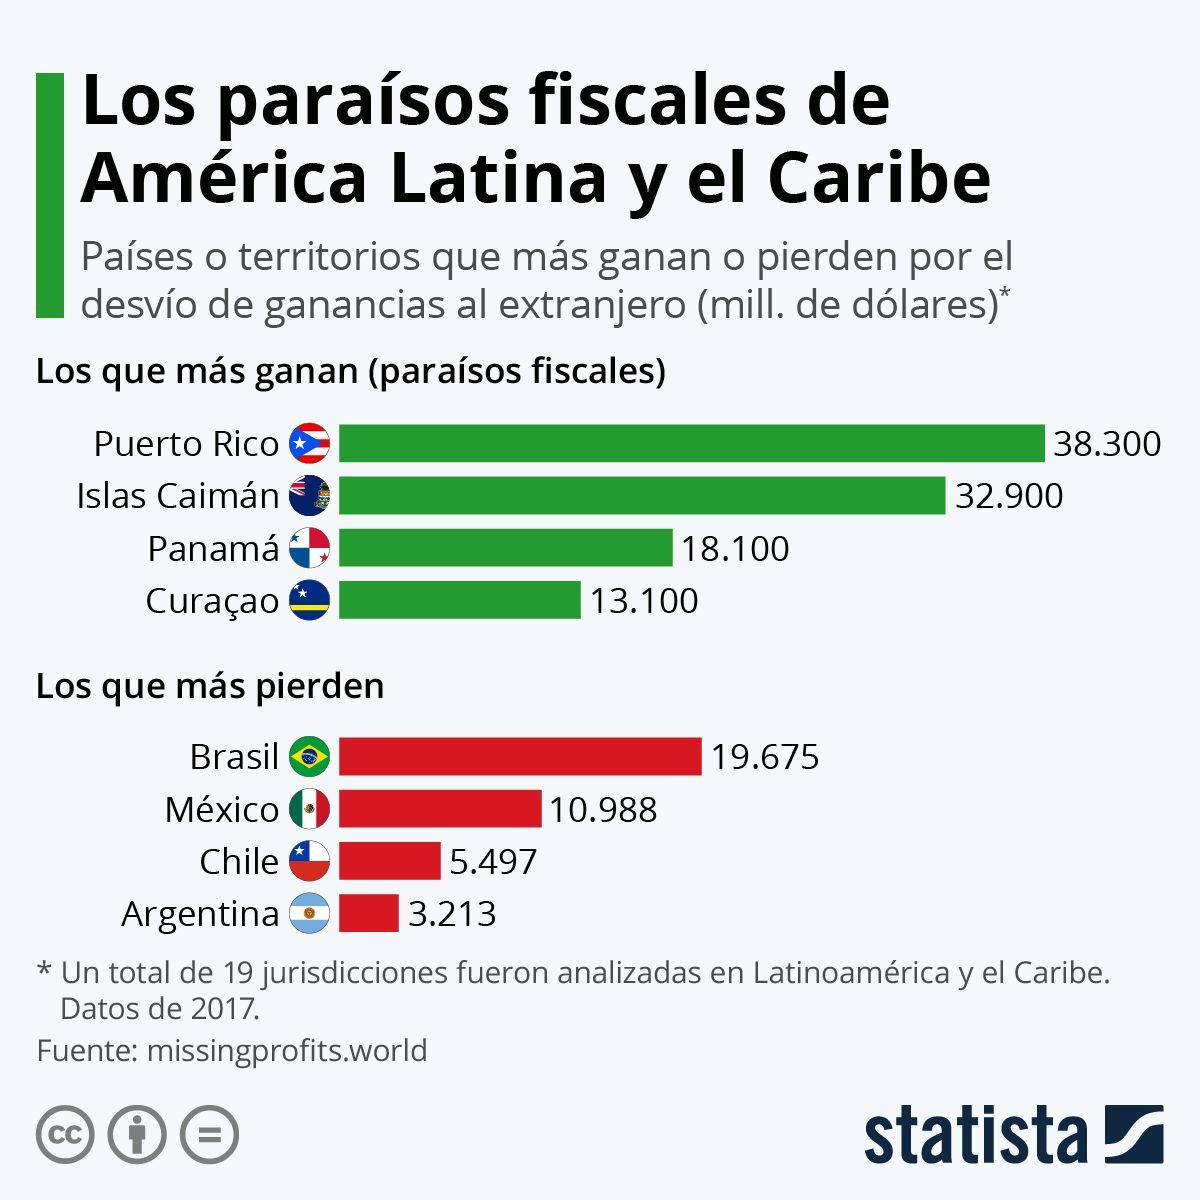 Infografía El Impacto Del Desvío De Fondos Al Exterior En Latinoamérica Paraíso Fiscal Islas Caribeñas Islas Caiman